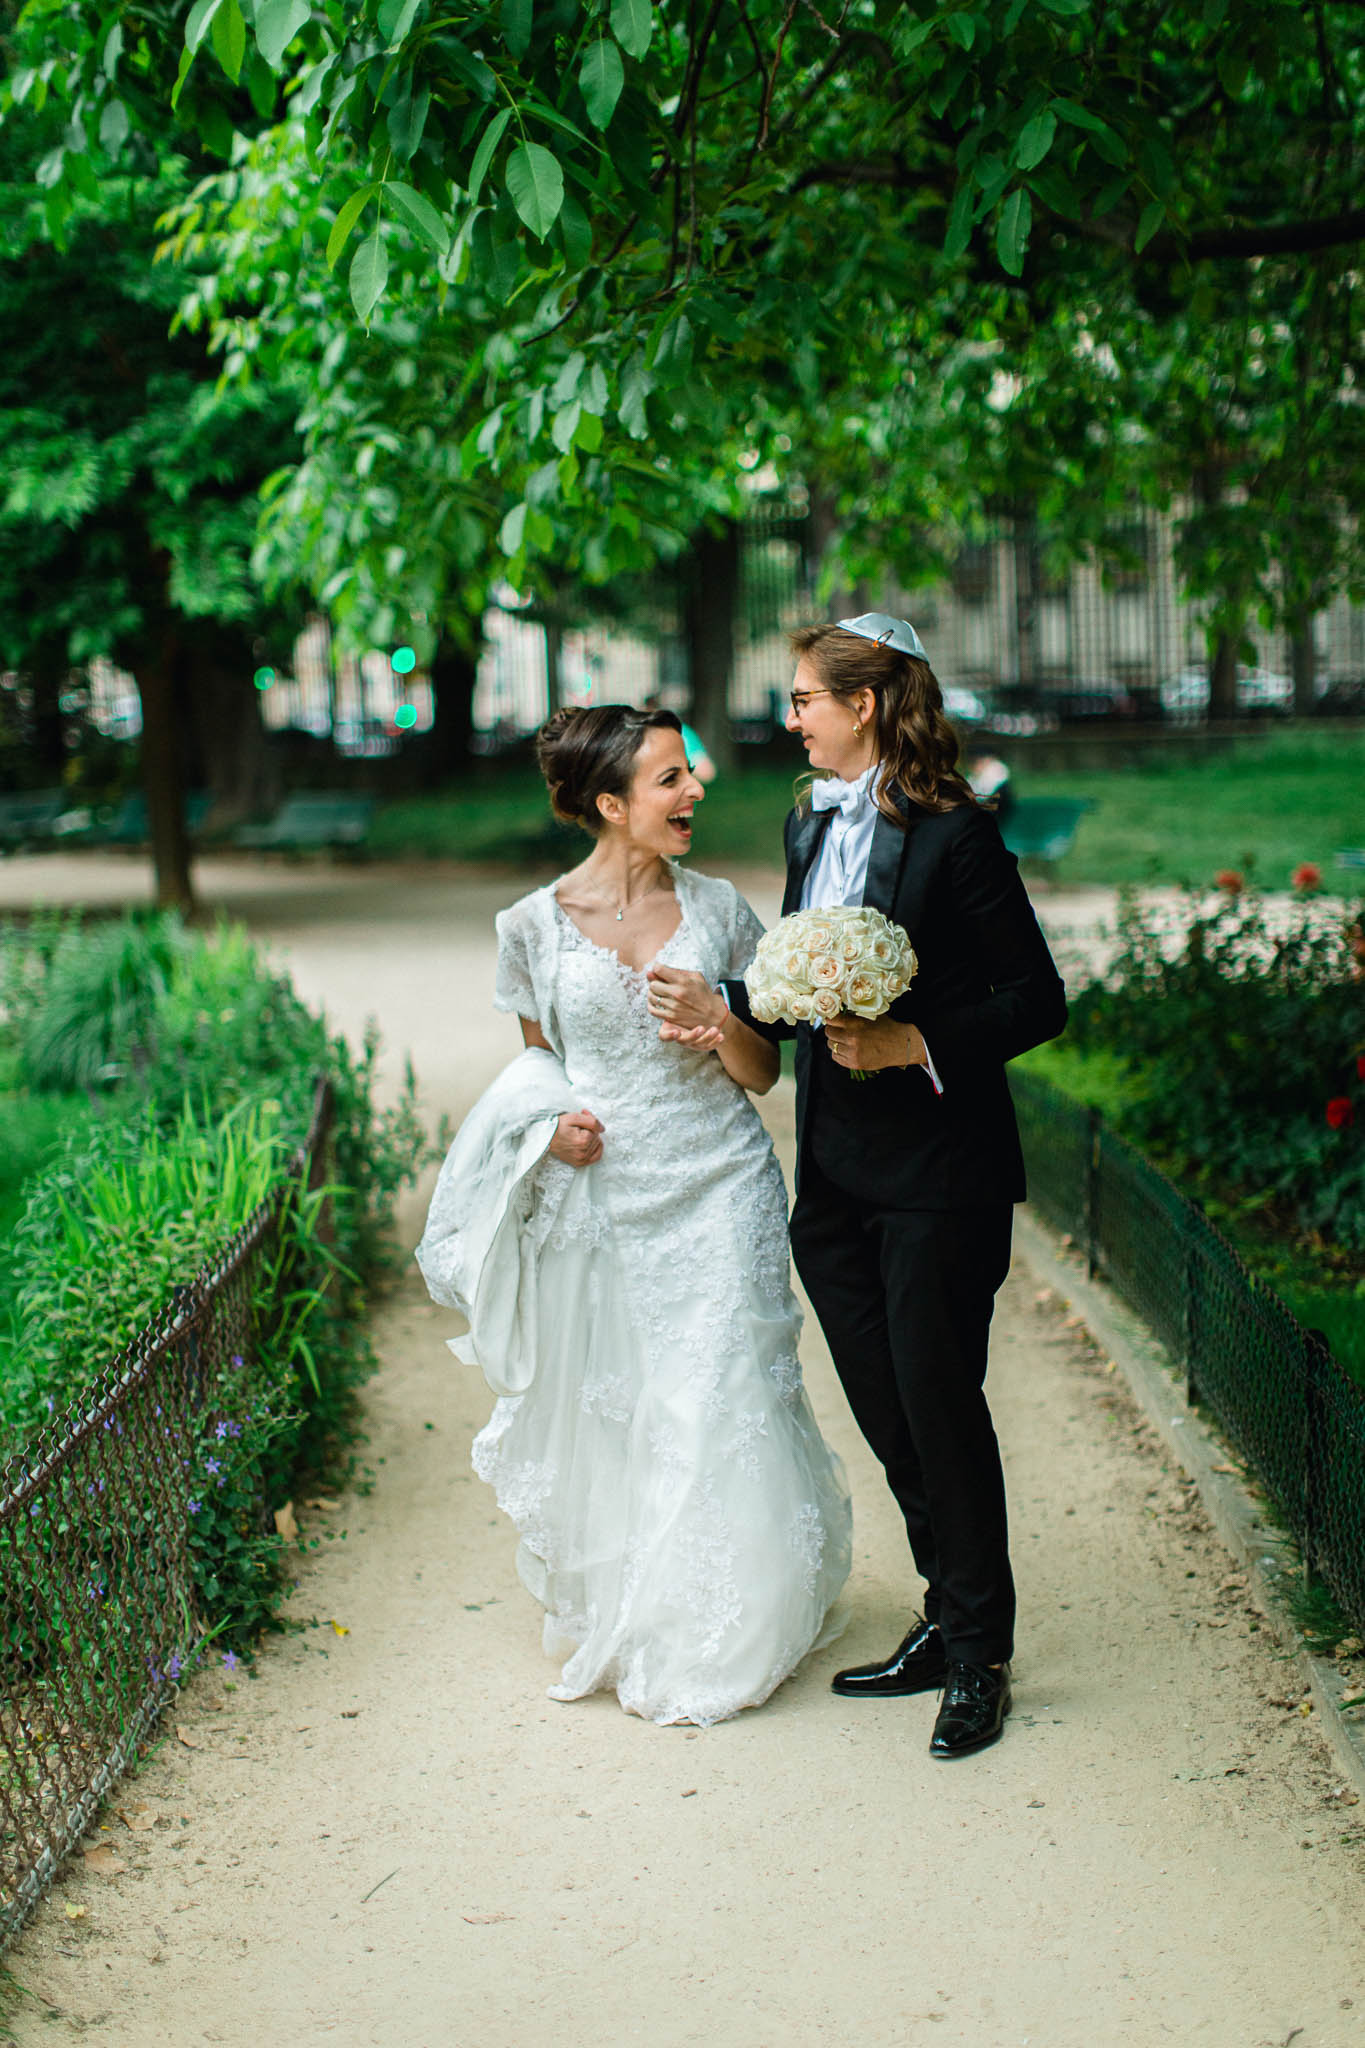 Art_Avec_Amour_Photographe_Mariage_Famille_Paris_France-00045.jpg